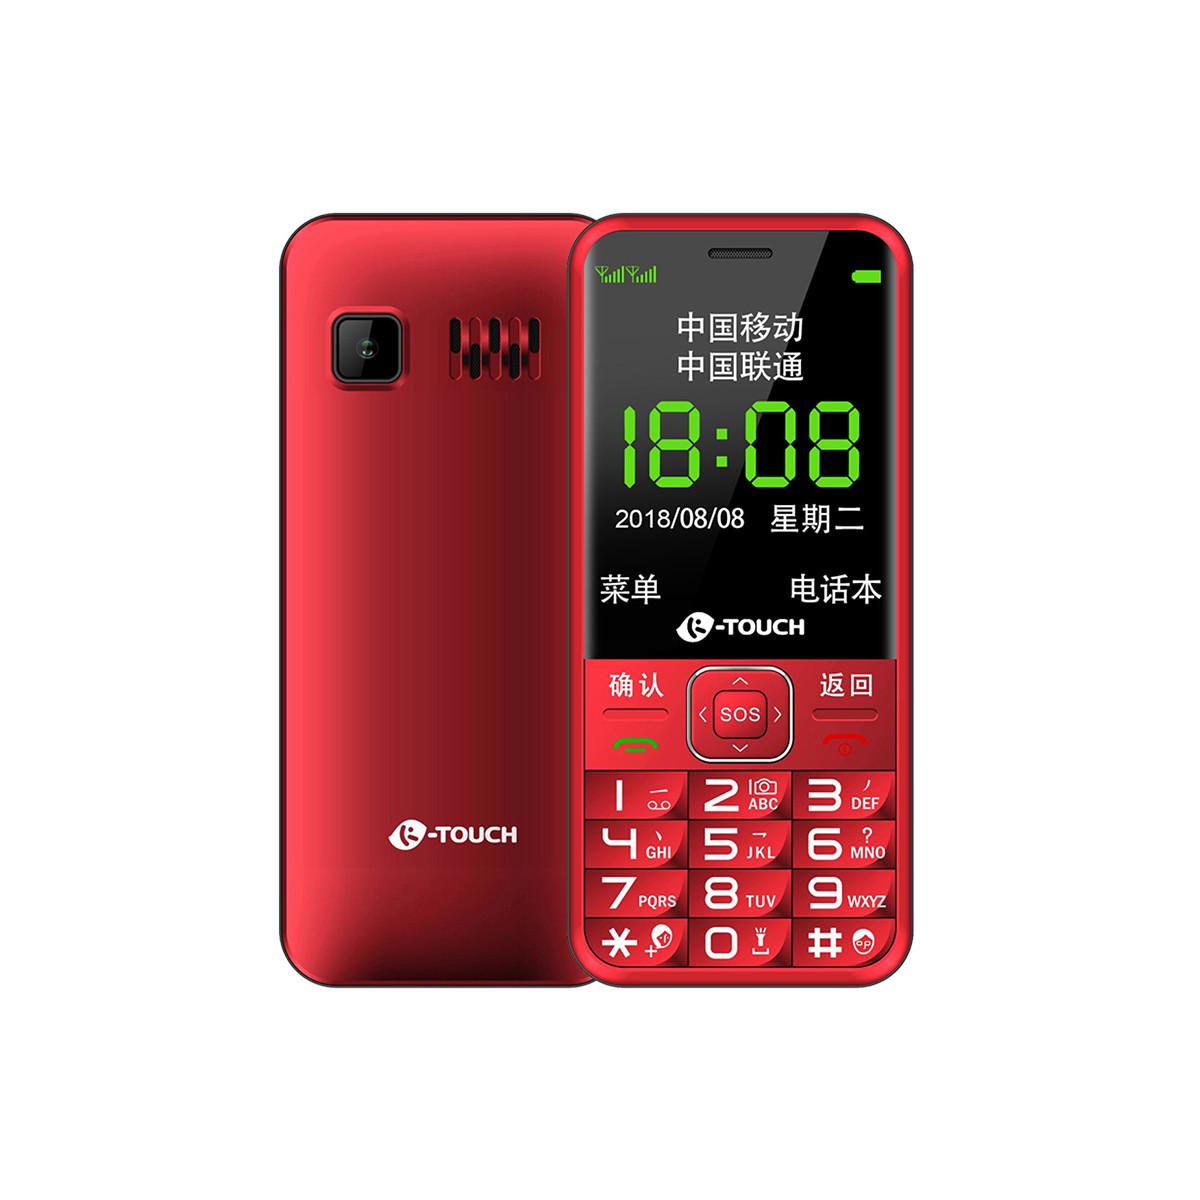 天语N1老人手机移动联通双卡双待电信按键直板老年机学生备用功能机N1红色